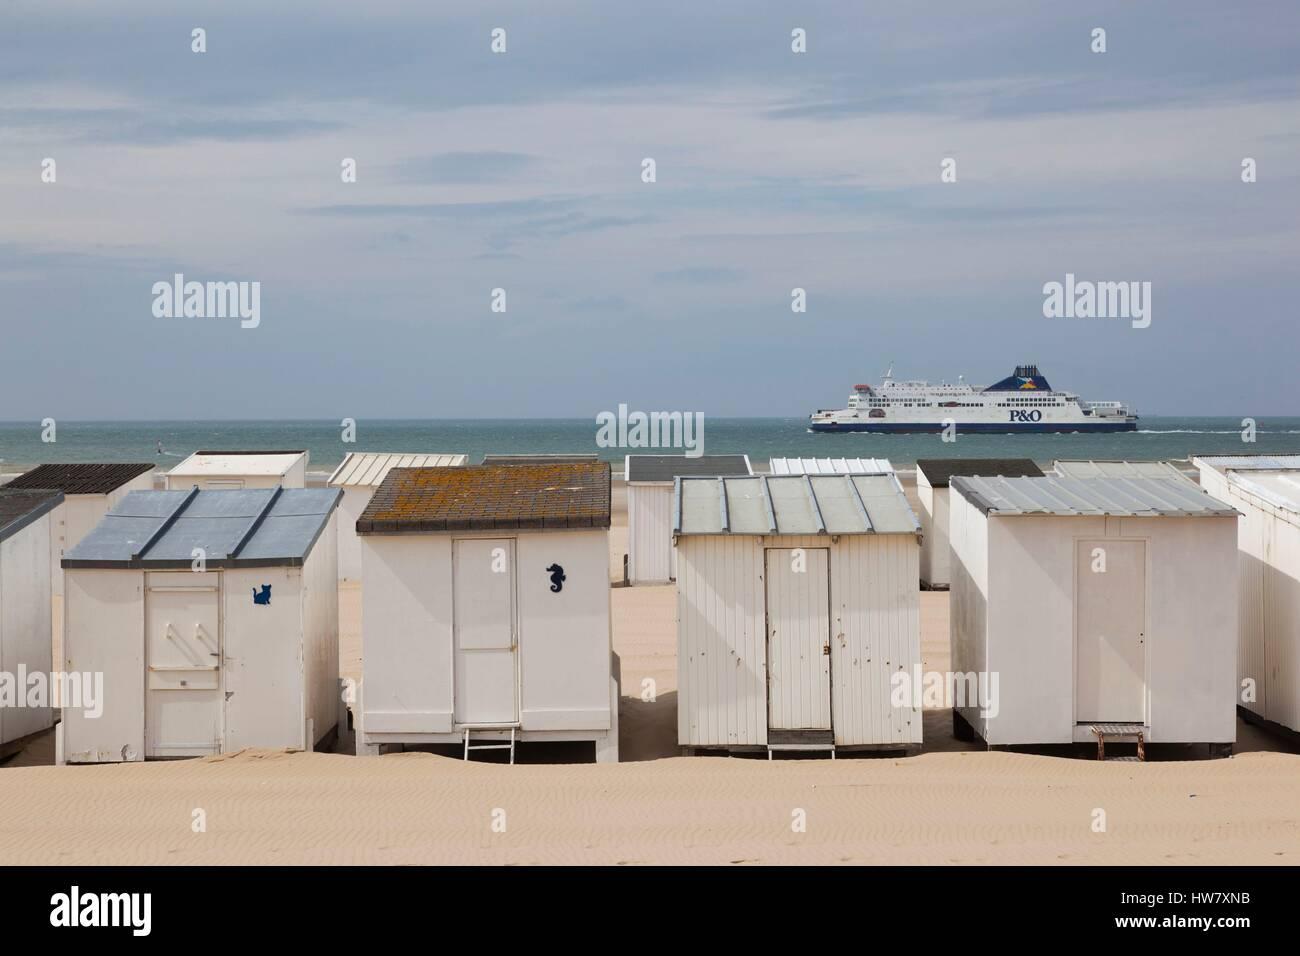 Francia, Pas de Calais, Bleriot Plage, cabañas de playa a lo largo de canales en inglés con ferry Foto de stock